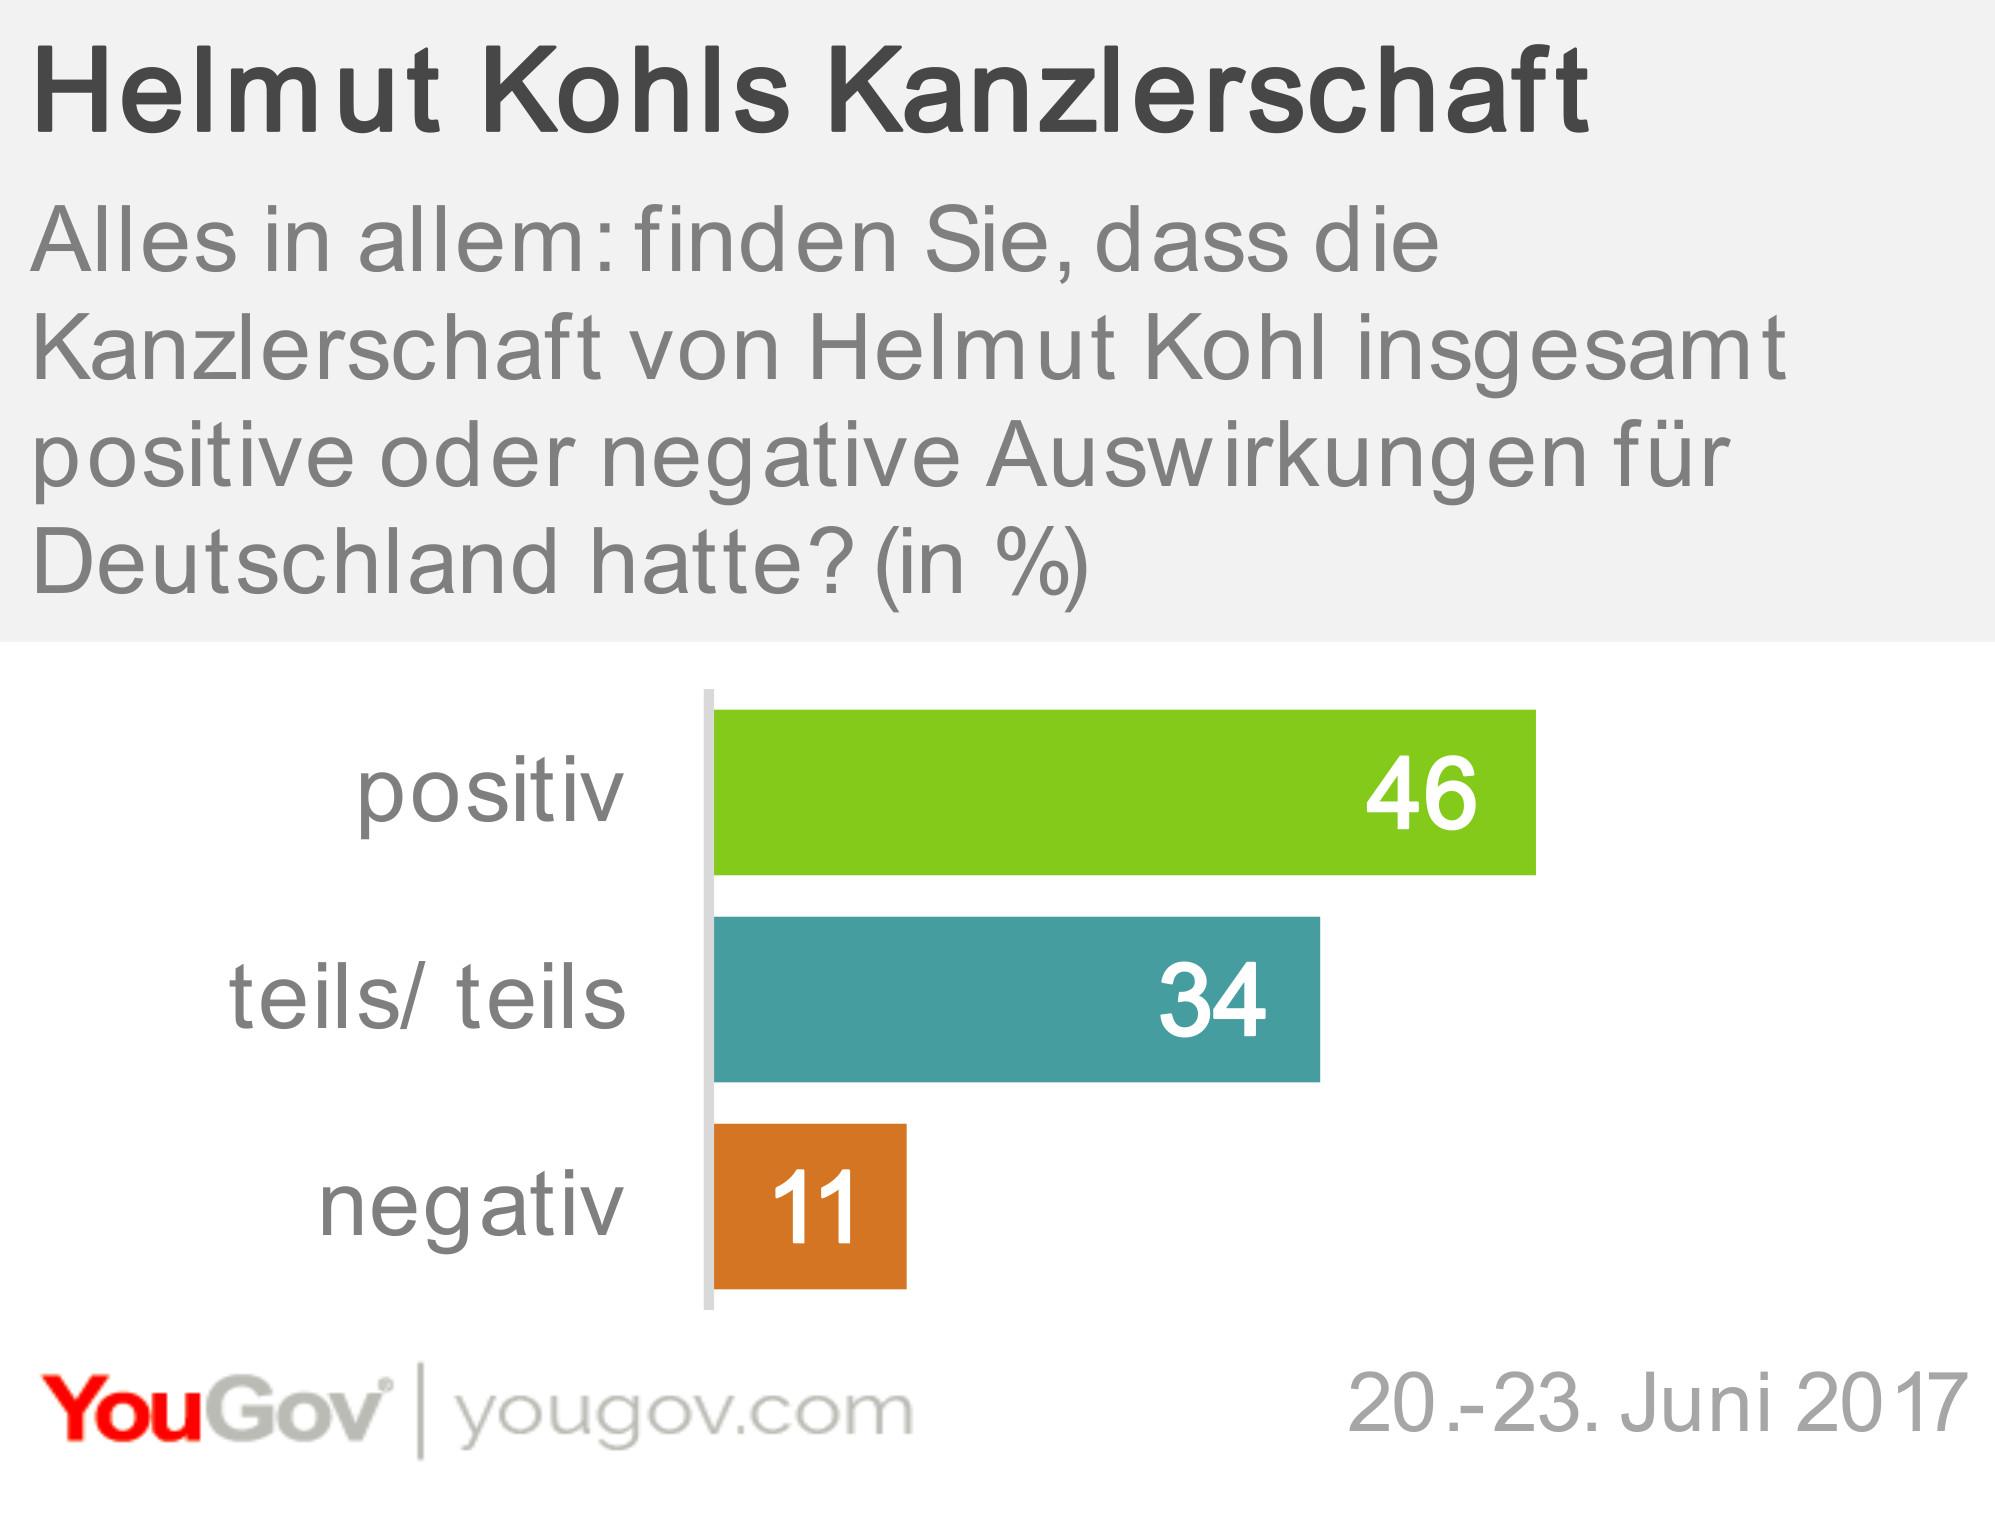 Helmut Kohls Kanzlerschaft